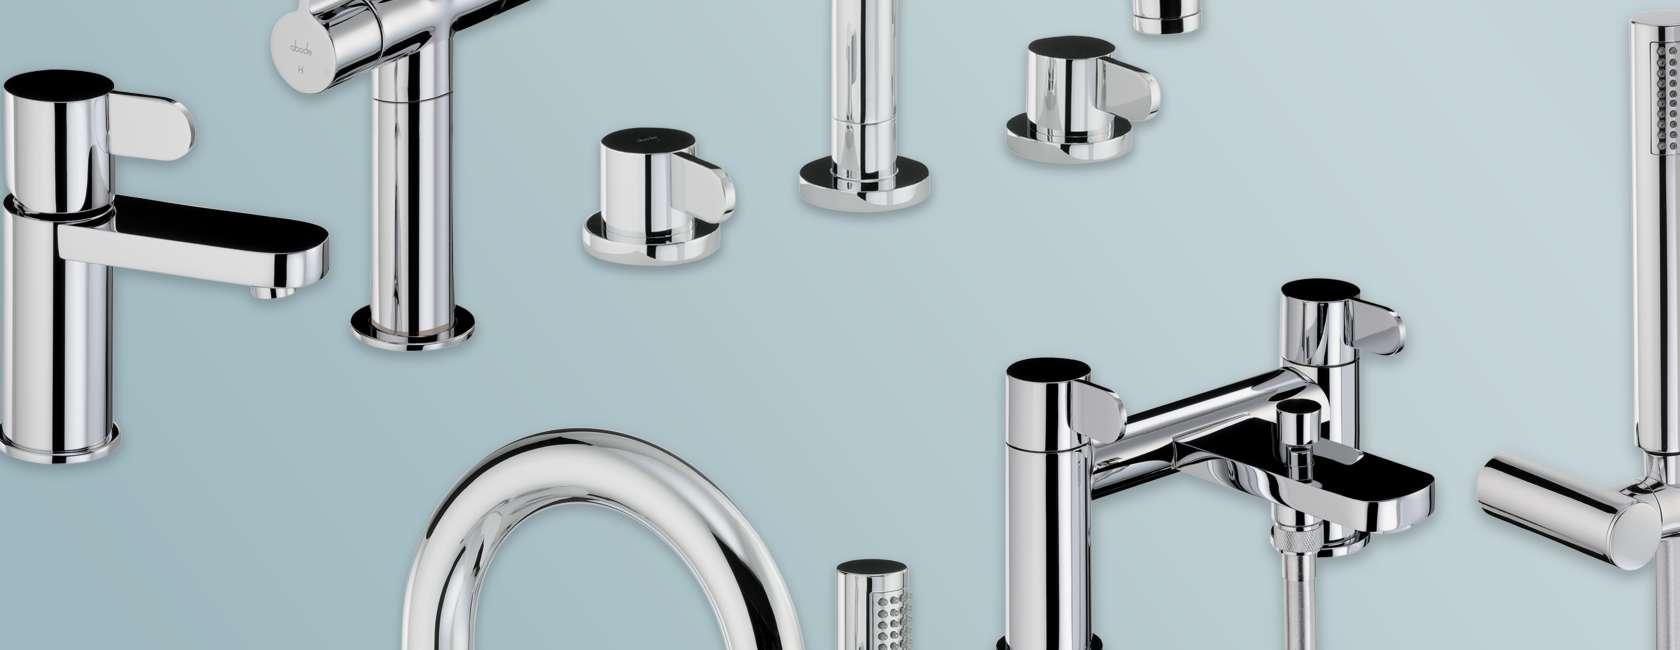 Abode Bliss Bathroom Taps Range at John Lewis